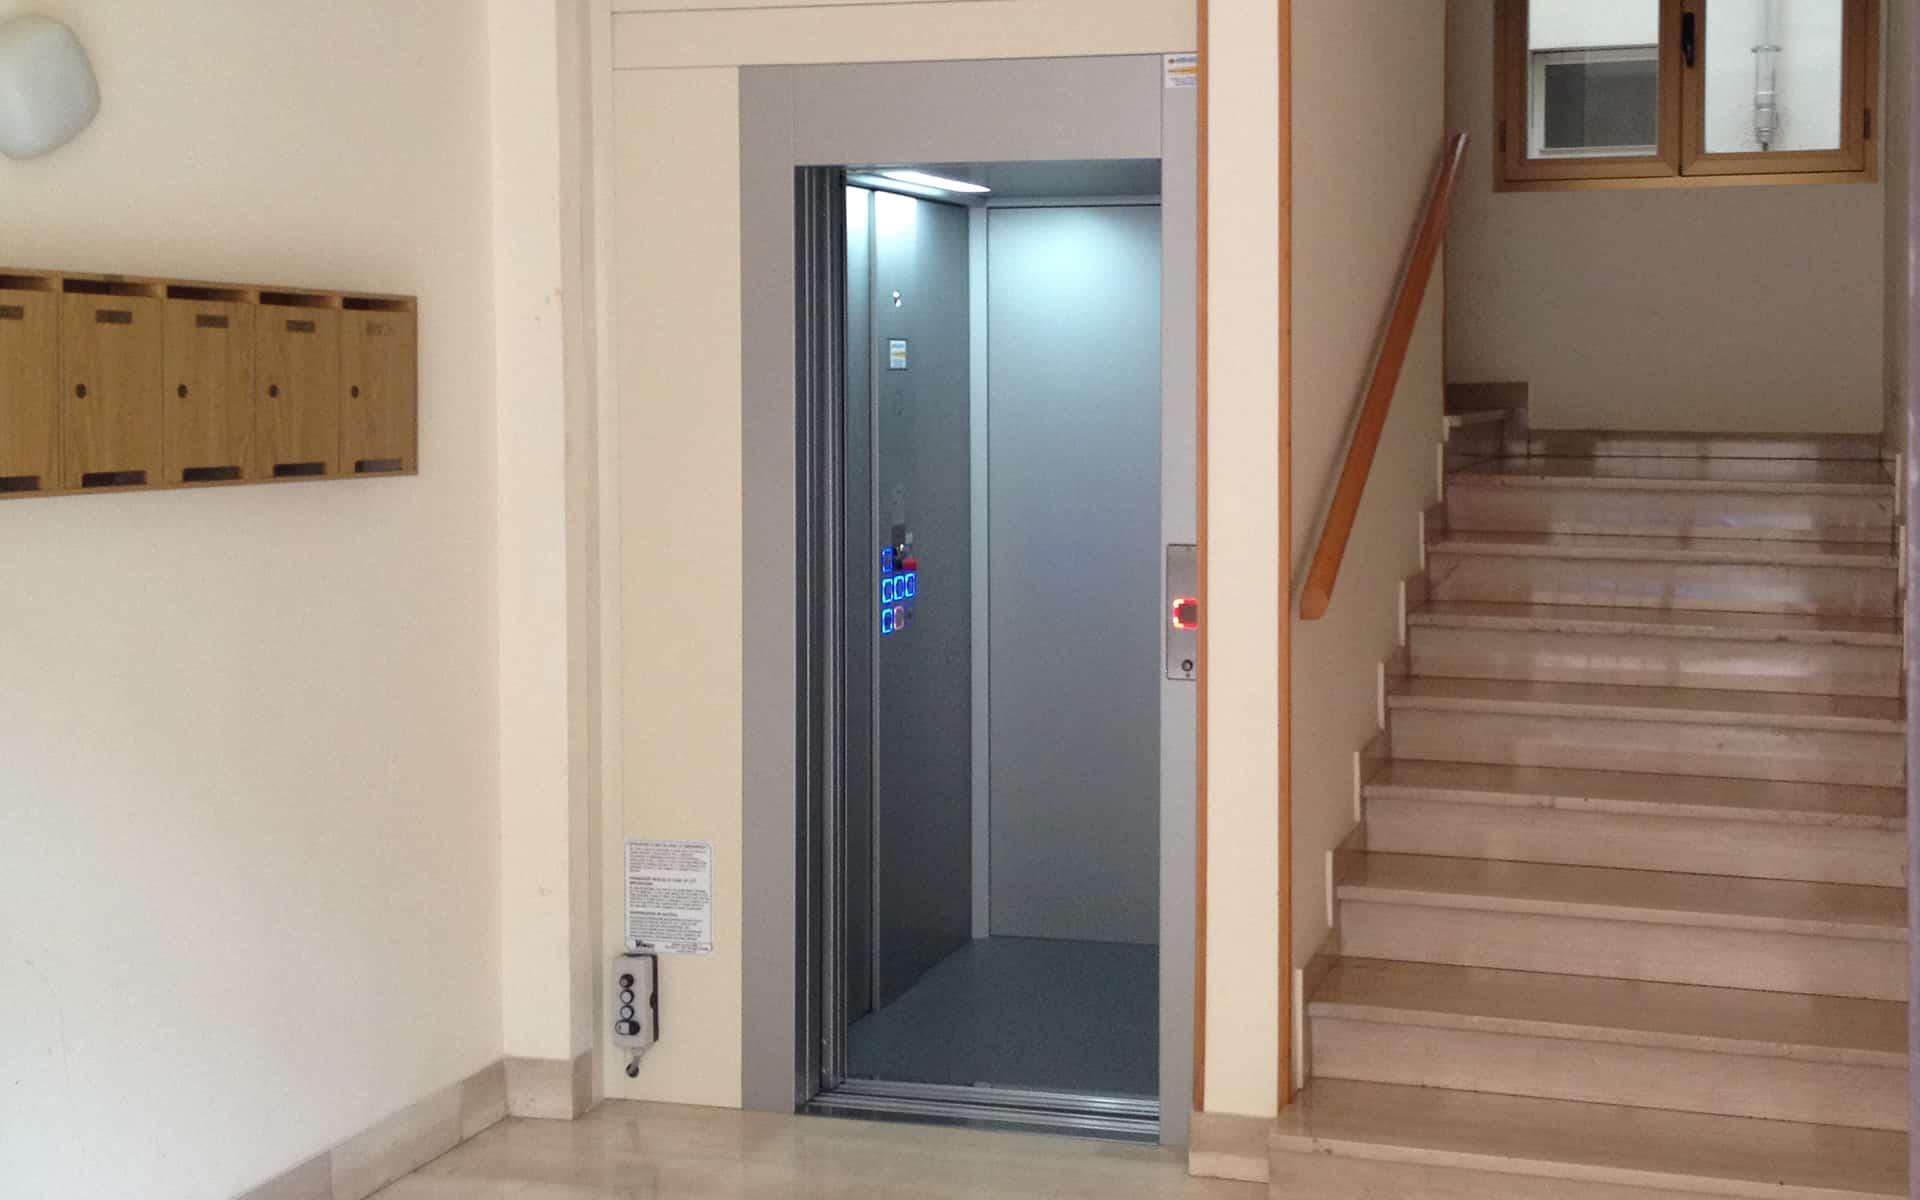 Dimensioni ascensore disabili